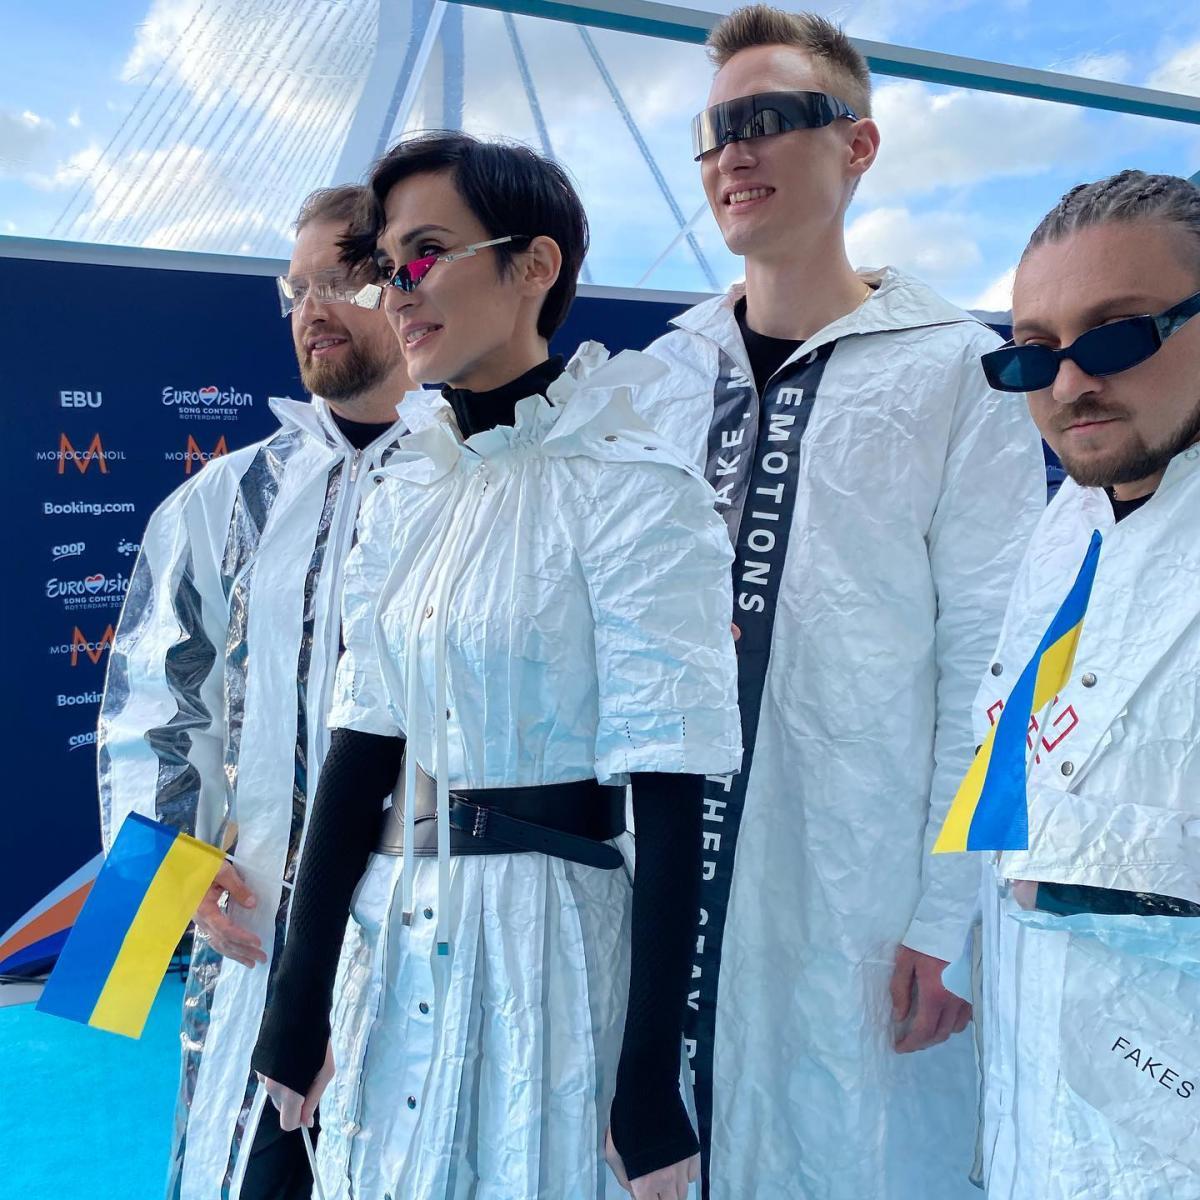 Підтримки варто очікувати від будь-кого, серйозно. Бо українську делегацію класно приймають / фото facebook.com/suspilne.eurovision